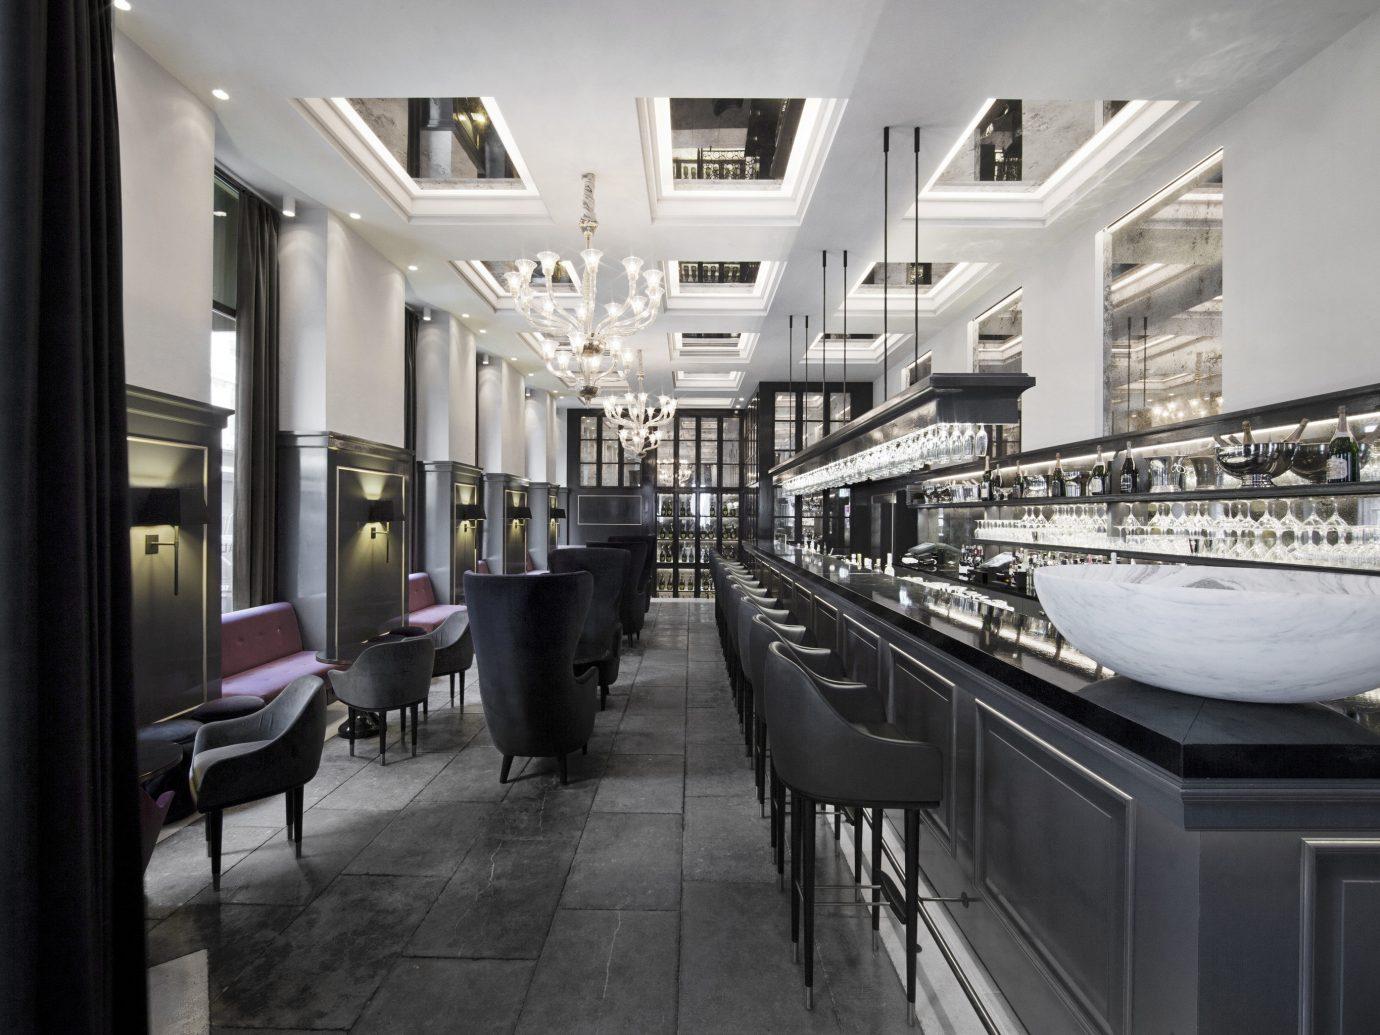 Boutique Hotels Copenhagen Denmark Hotels indoor floor wall room ceiling window interior design restaurant furniture